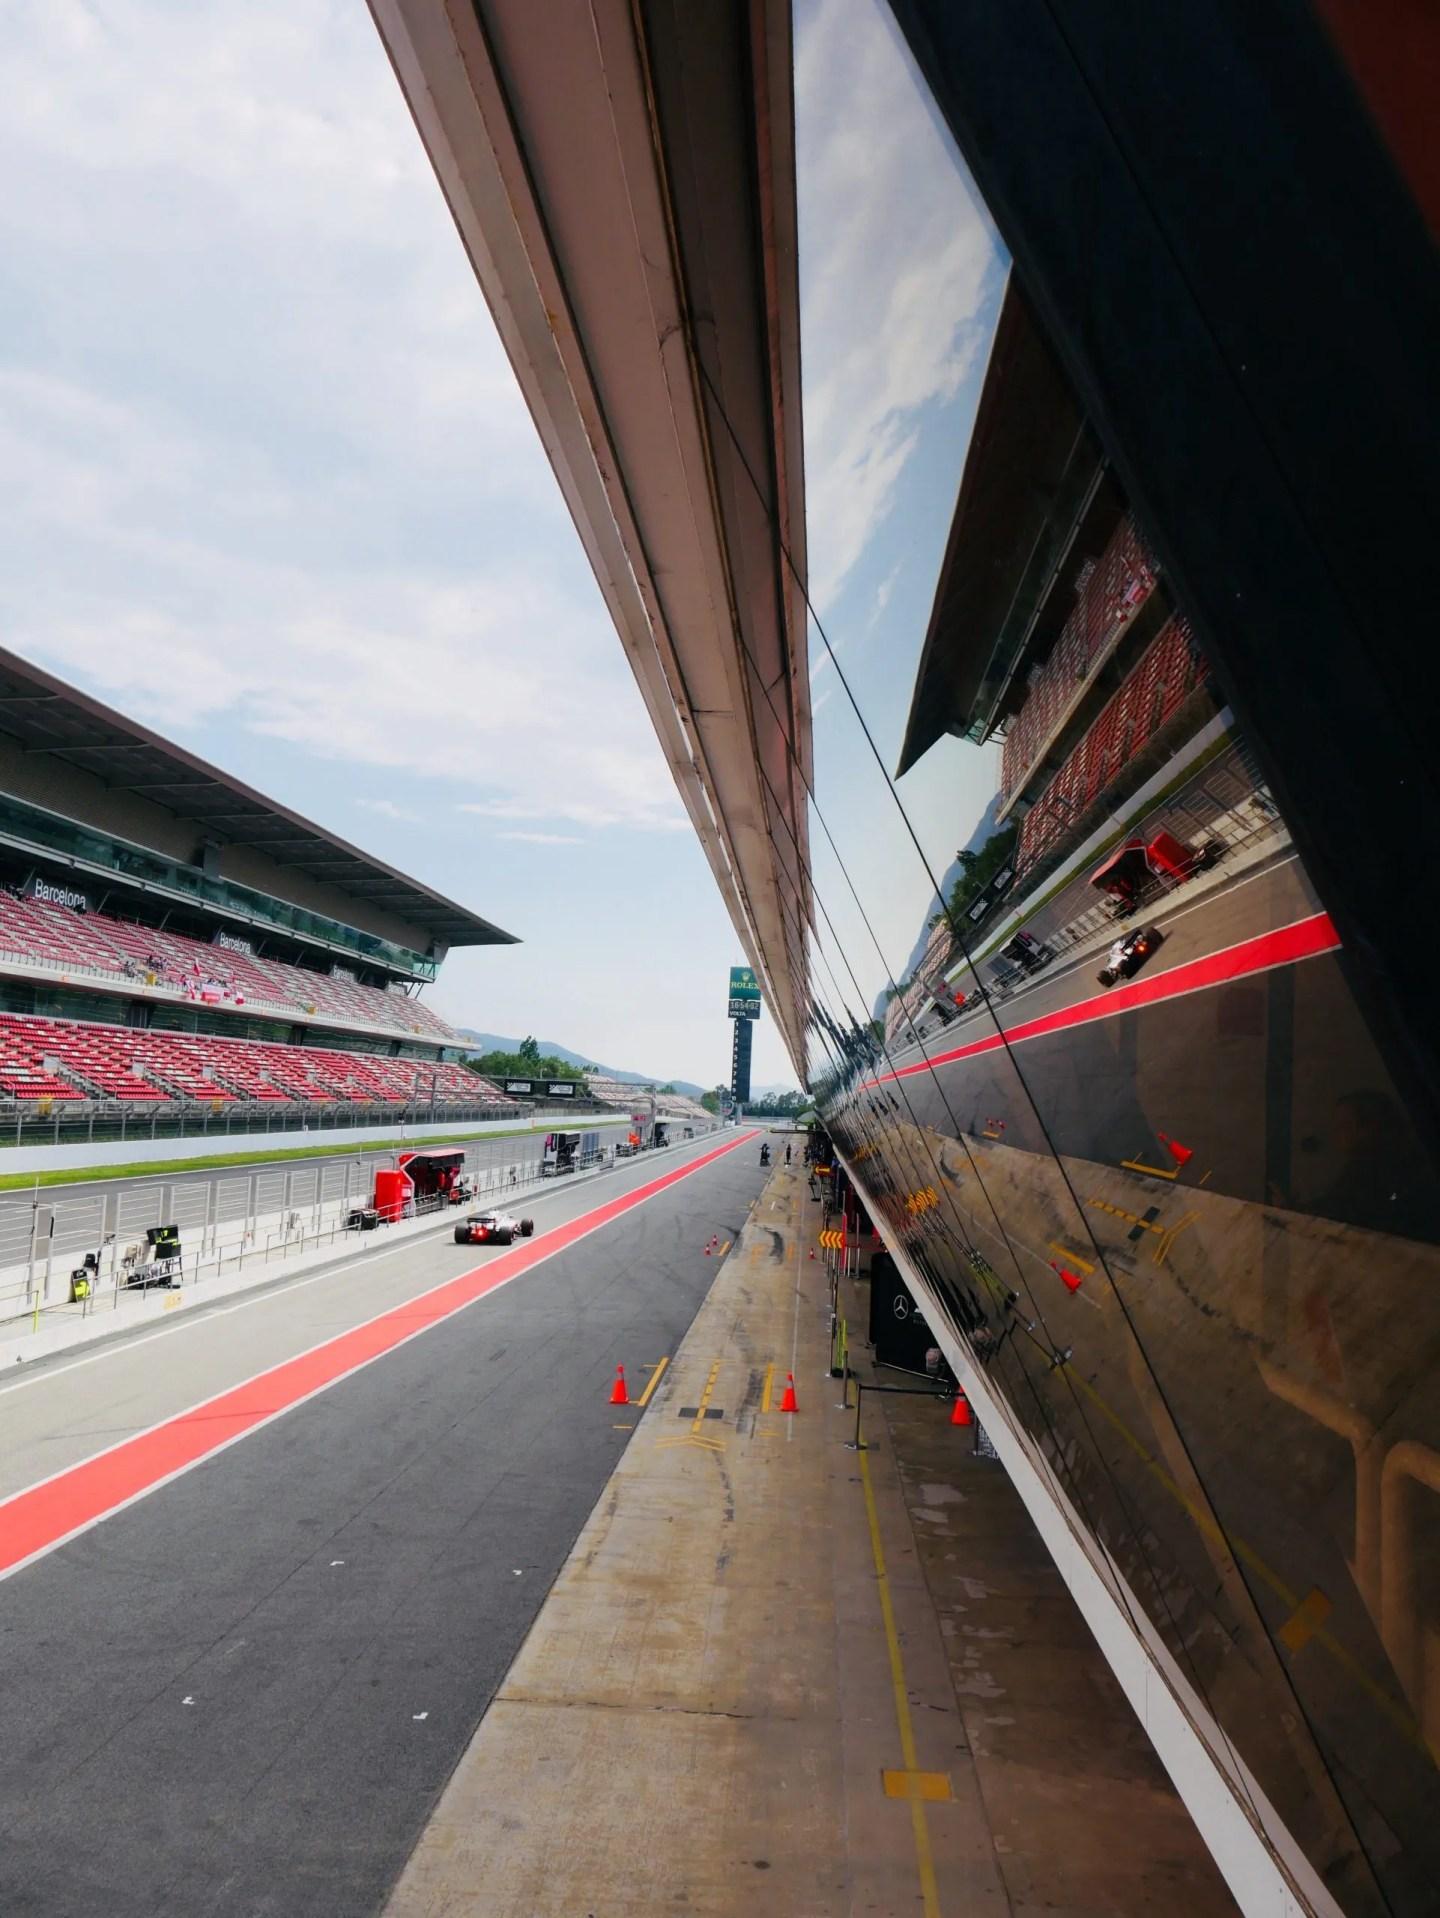 Kubica Williams Martini racing coming into Barcelona f1 pits